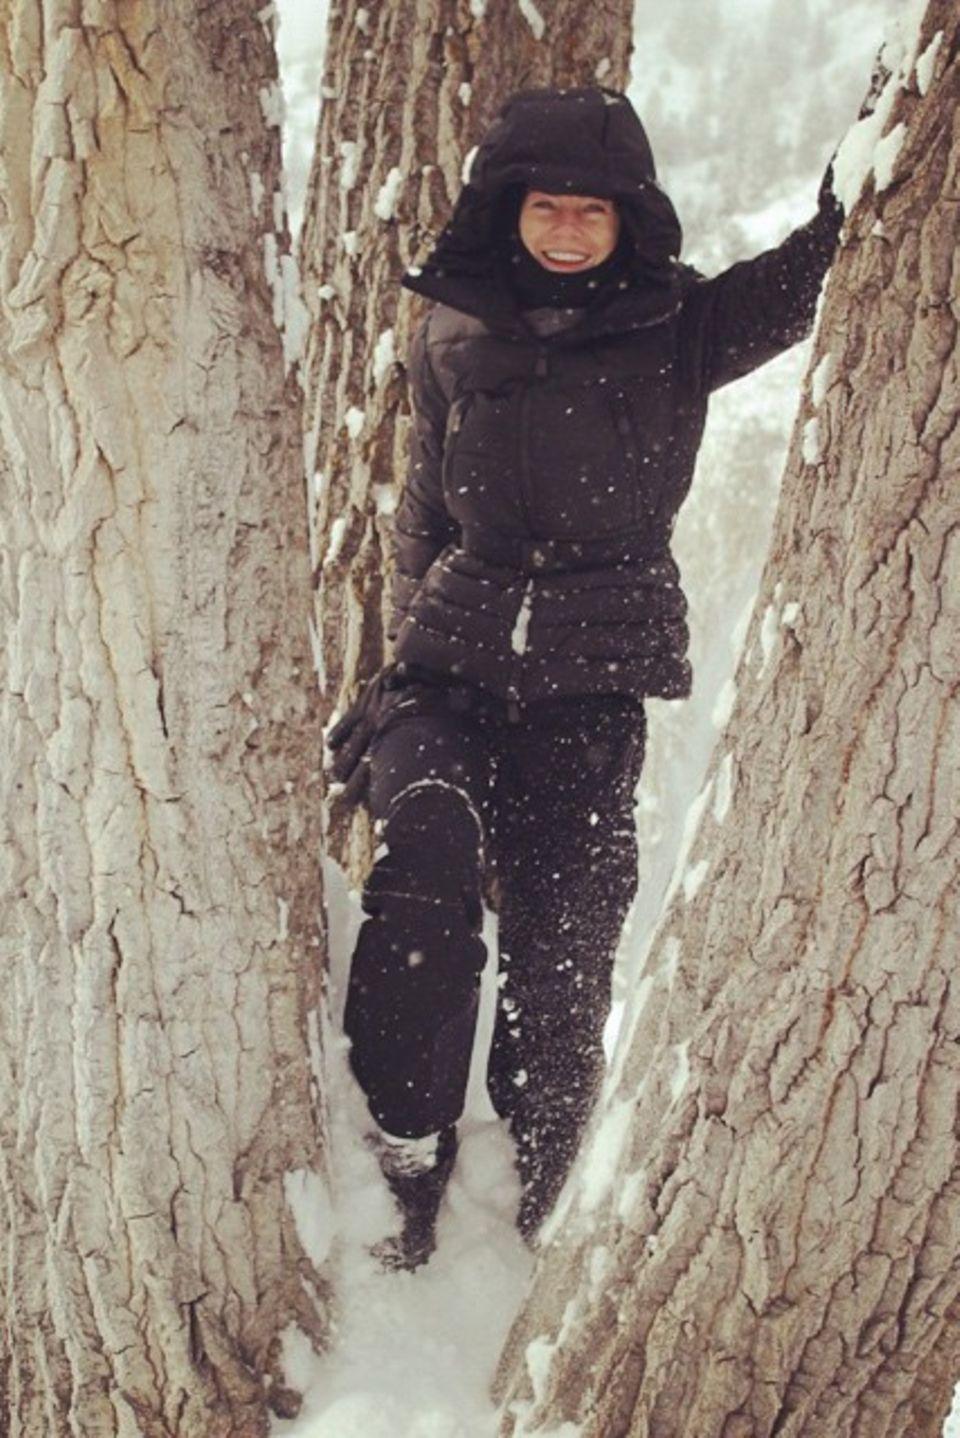 Dick eingepackt spielt Ellen Pompeo im Schnee.